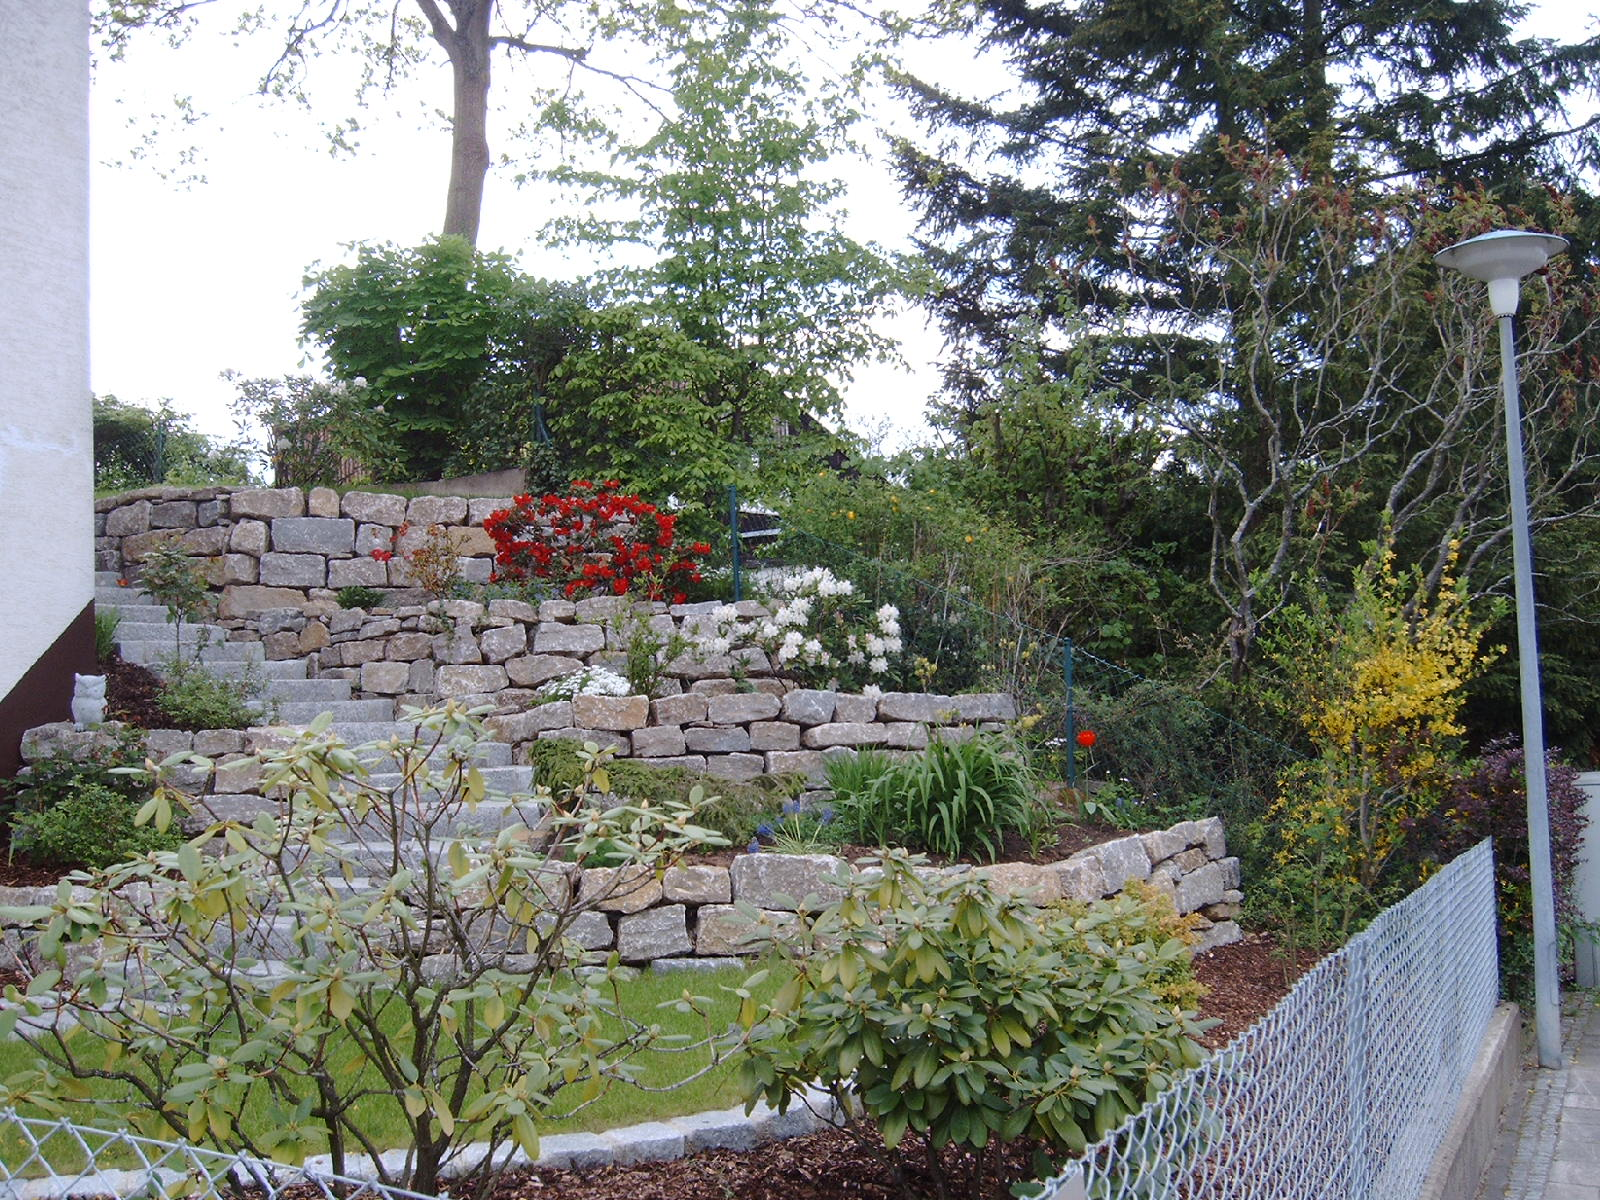 Hurra heute wird mein neuer vorgarten angelegt haus garten forum - Vorgarten bepflanzung ...